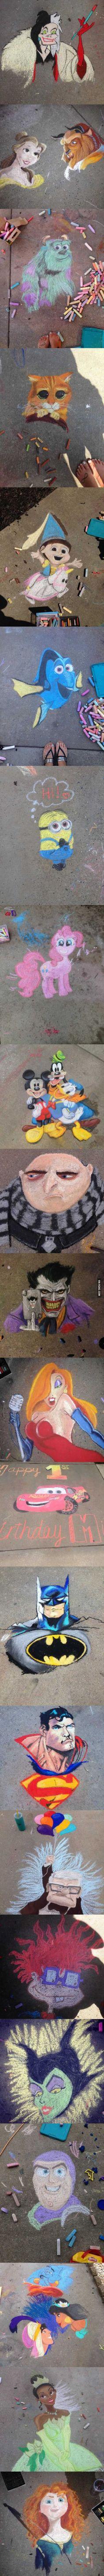 Amazing sidewalk chalk art